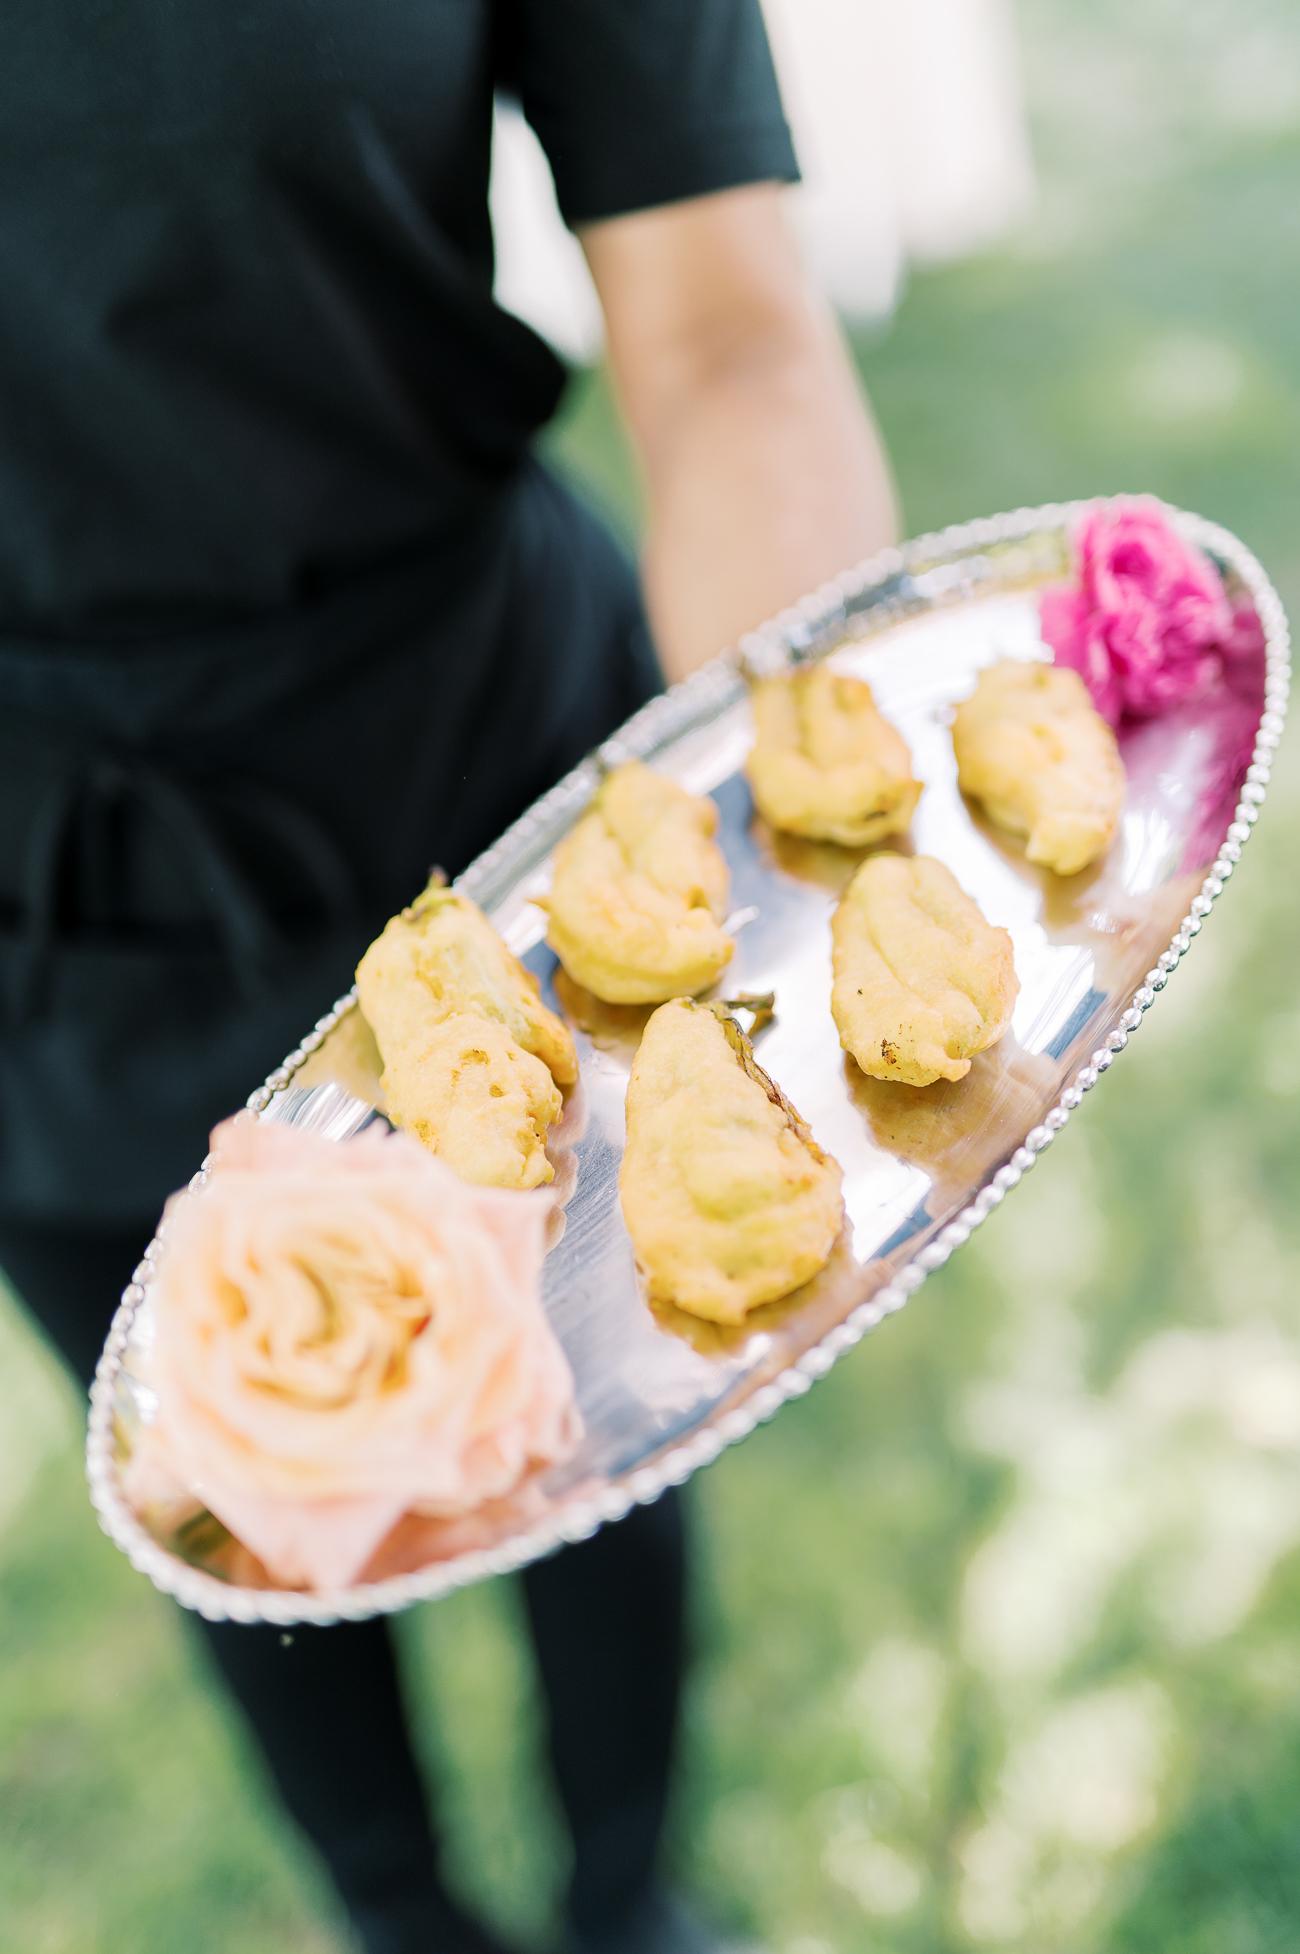 Chevre-stuffed Zucchini Blossoms